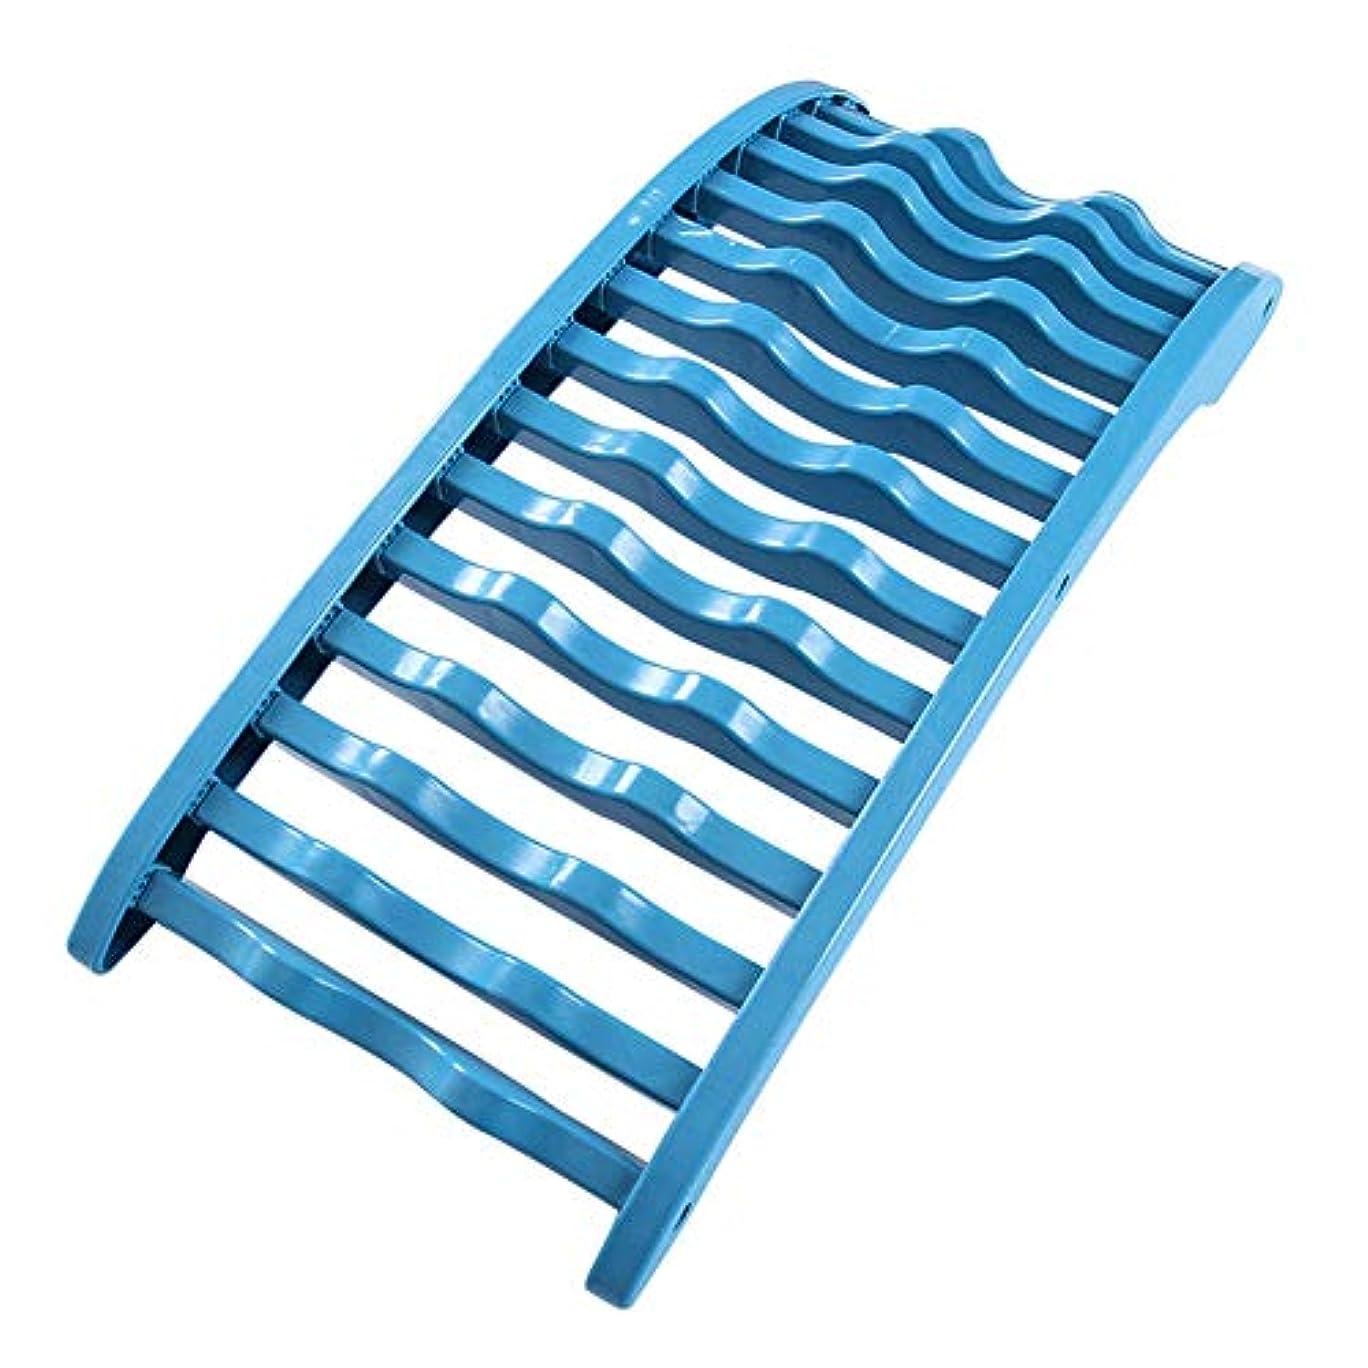 からかう窓リングバック背中バキバキ バックストレッチャーバックサポーター腰痛 - 背中の痛みの救済マッサージ脊椎解凍筋肉の痛みを軽減するための脊椎牽引装置